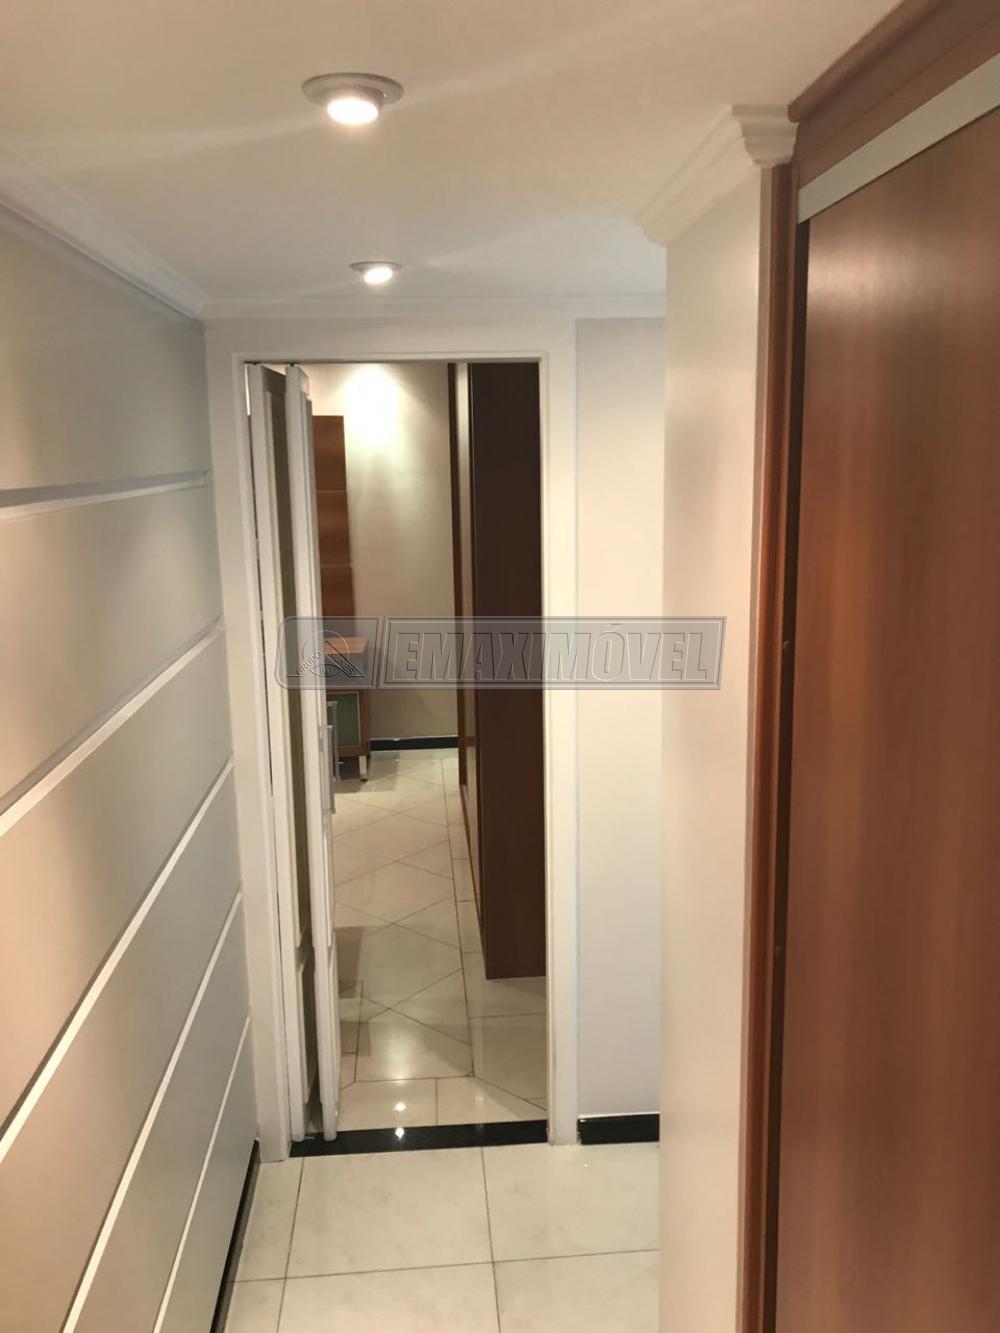 Alugar Apartamentos / Apto Padrão em Sorocaba apenas R$ 3.900,00 - Foto 7